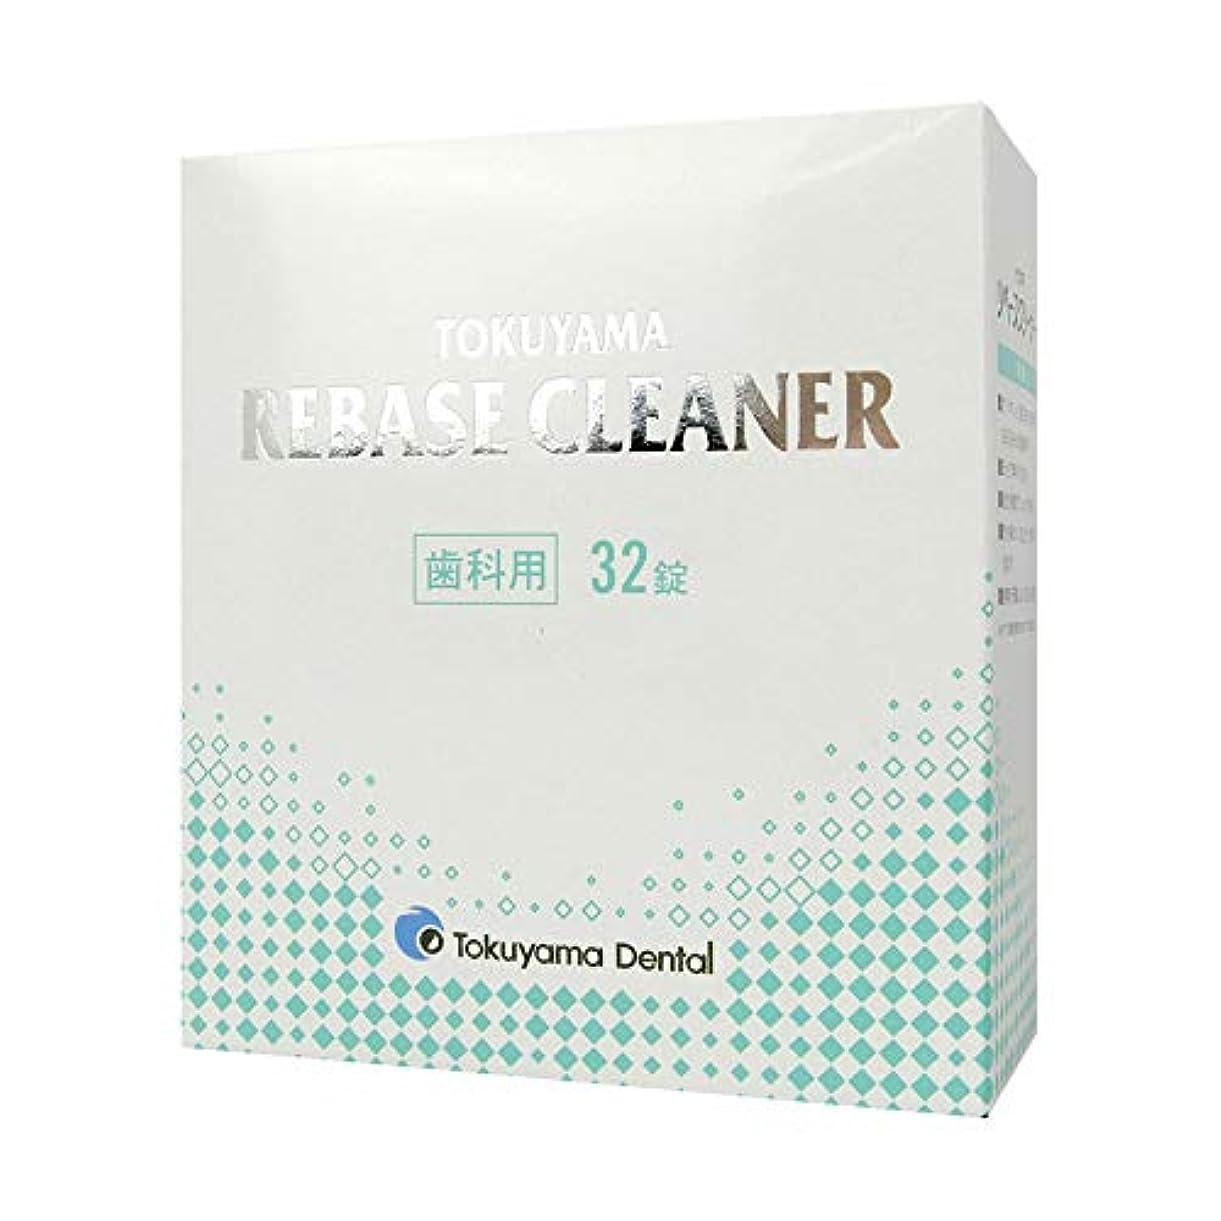 最終的に見物人リマークトクヤマ リベースクリーナー 32錠(入れ歯洗浄剤) × 1個